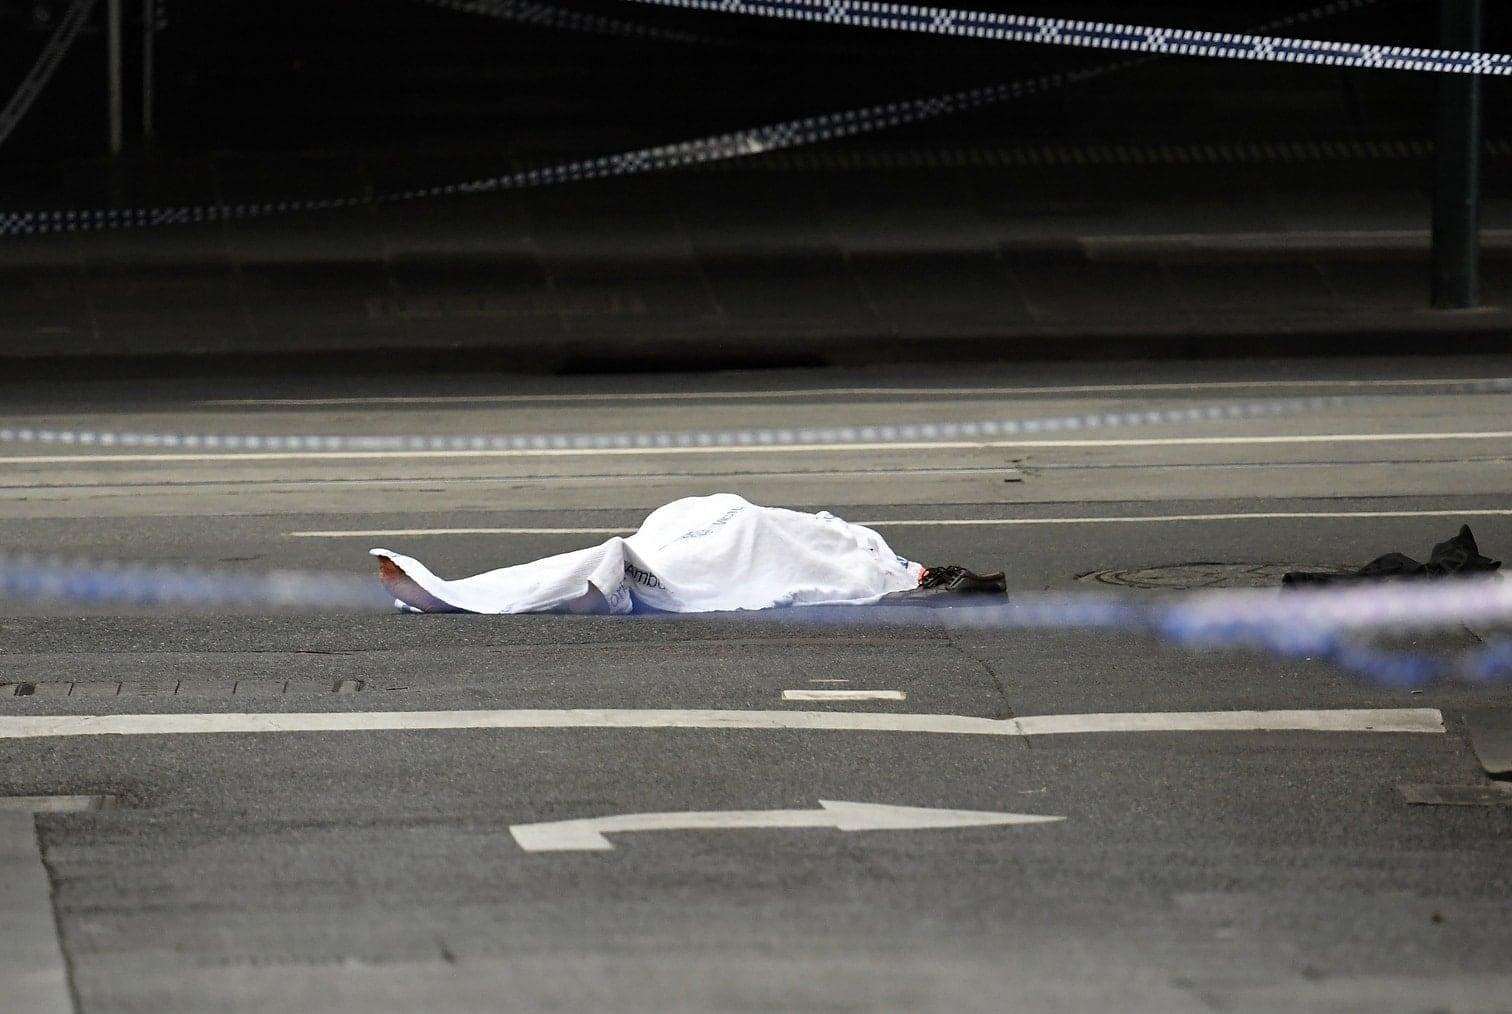 <p>Ein Mann hat in Melbourne am Freitag mehrere Menschen mit einem Messer attackiert und schwer verletzt. Mindestens eine Person ist dabei ums Leben gekommen. Zuvor hat der Täter sein Auto in Flammen gesteckt.</p> Foto: AFP